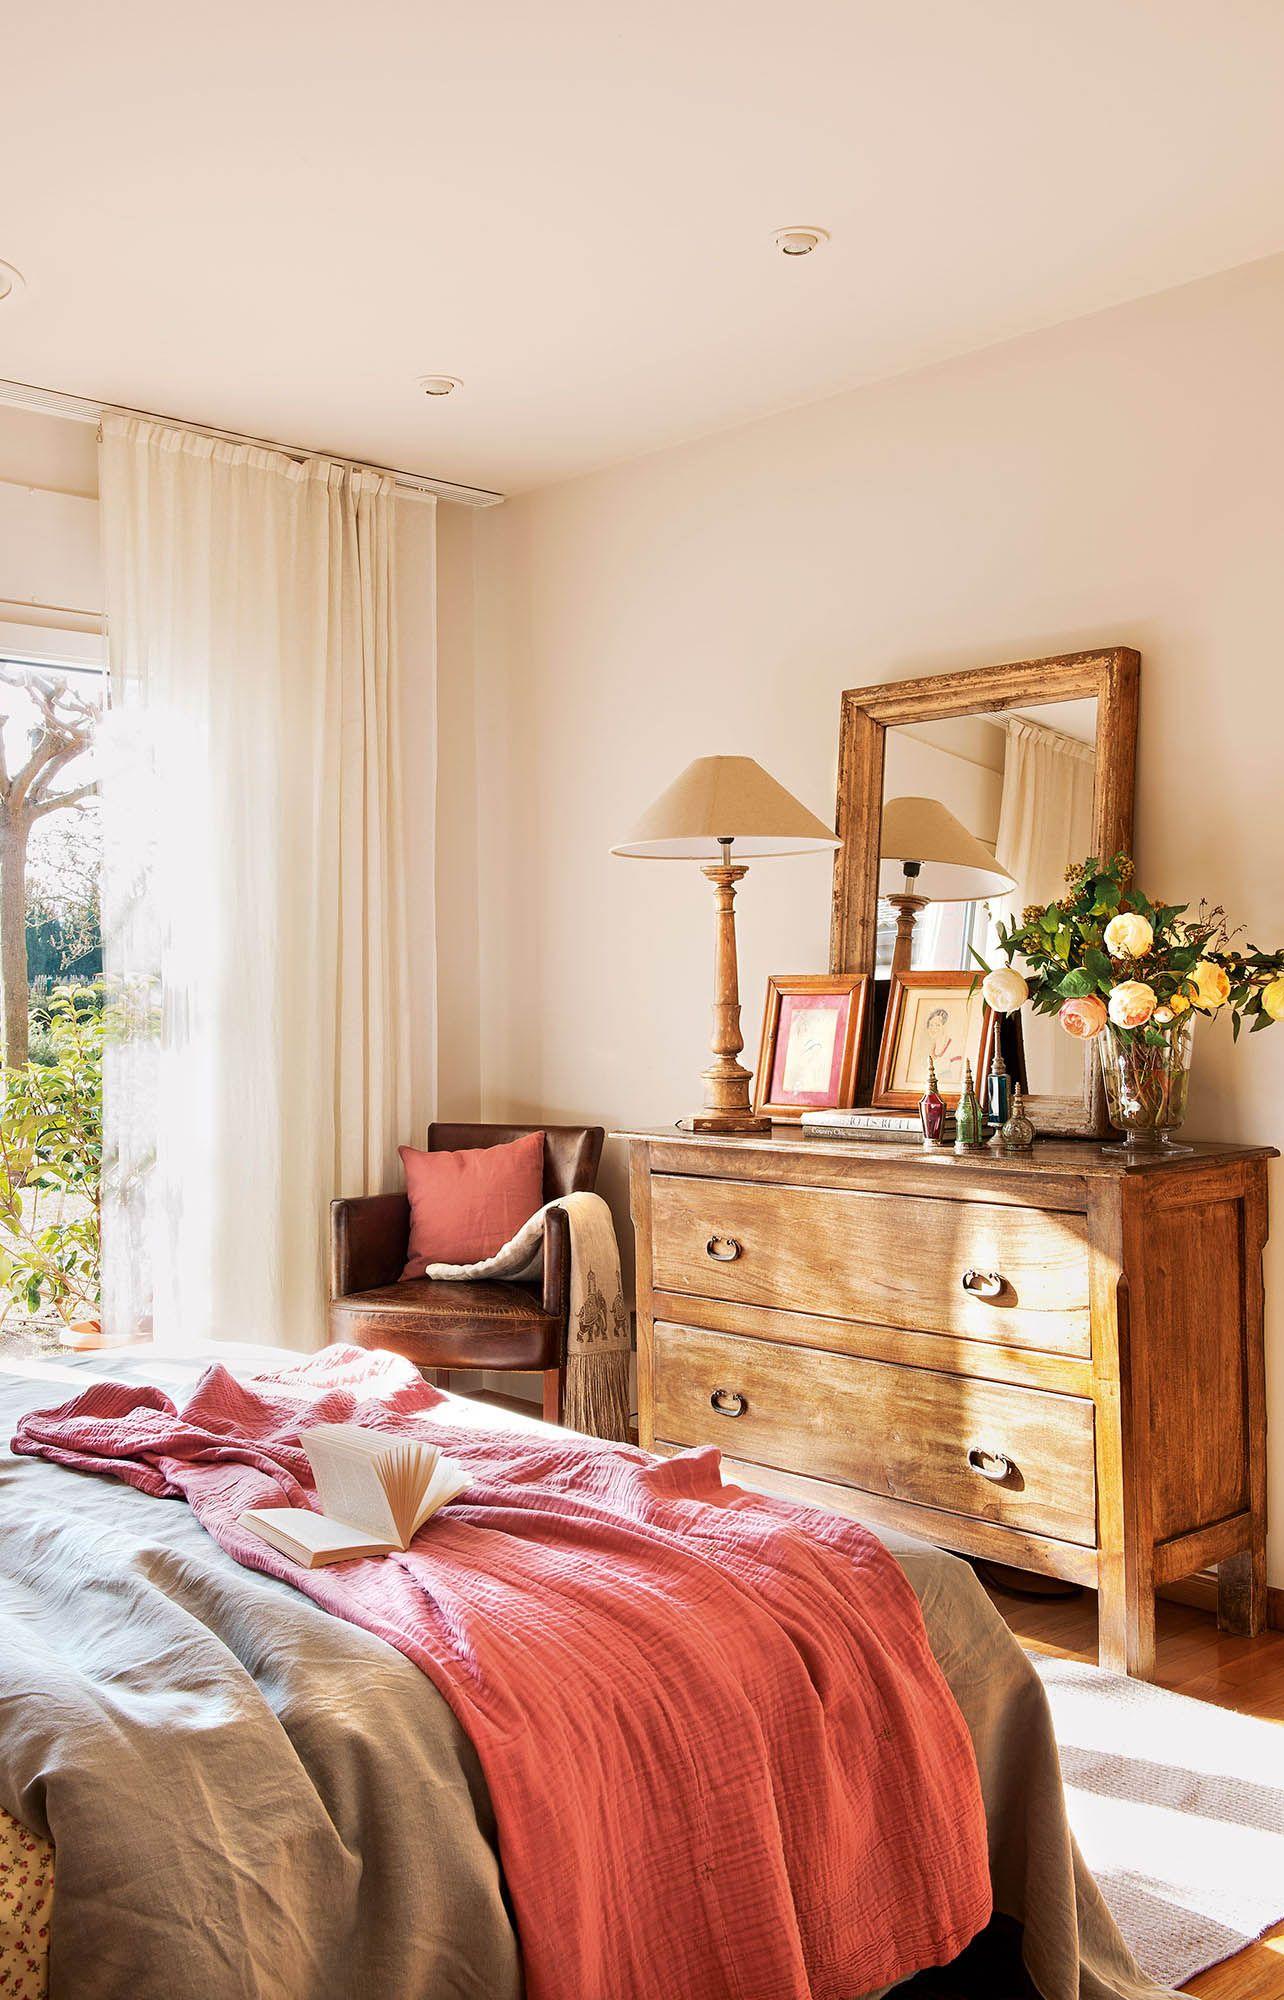 Cambio de look 5 ideas para renovar tu casa sin apenas for Renovar tu casa reciclando